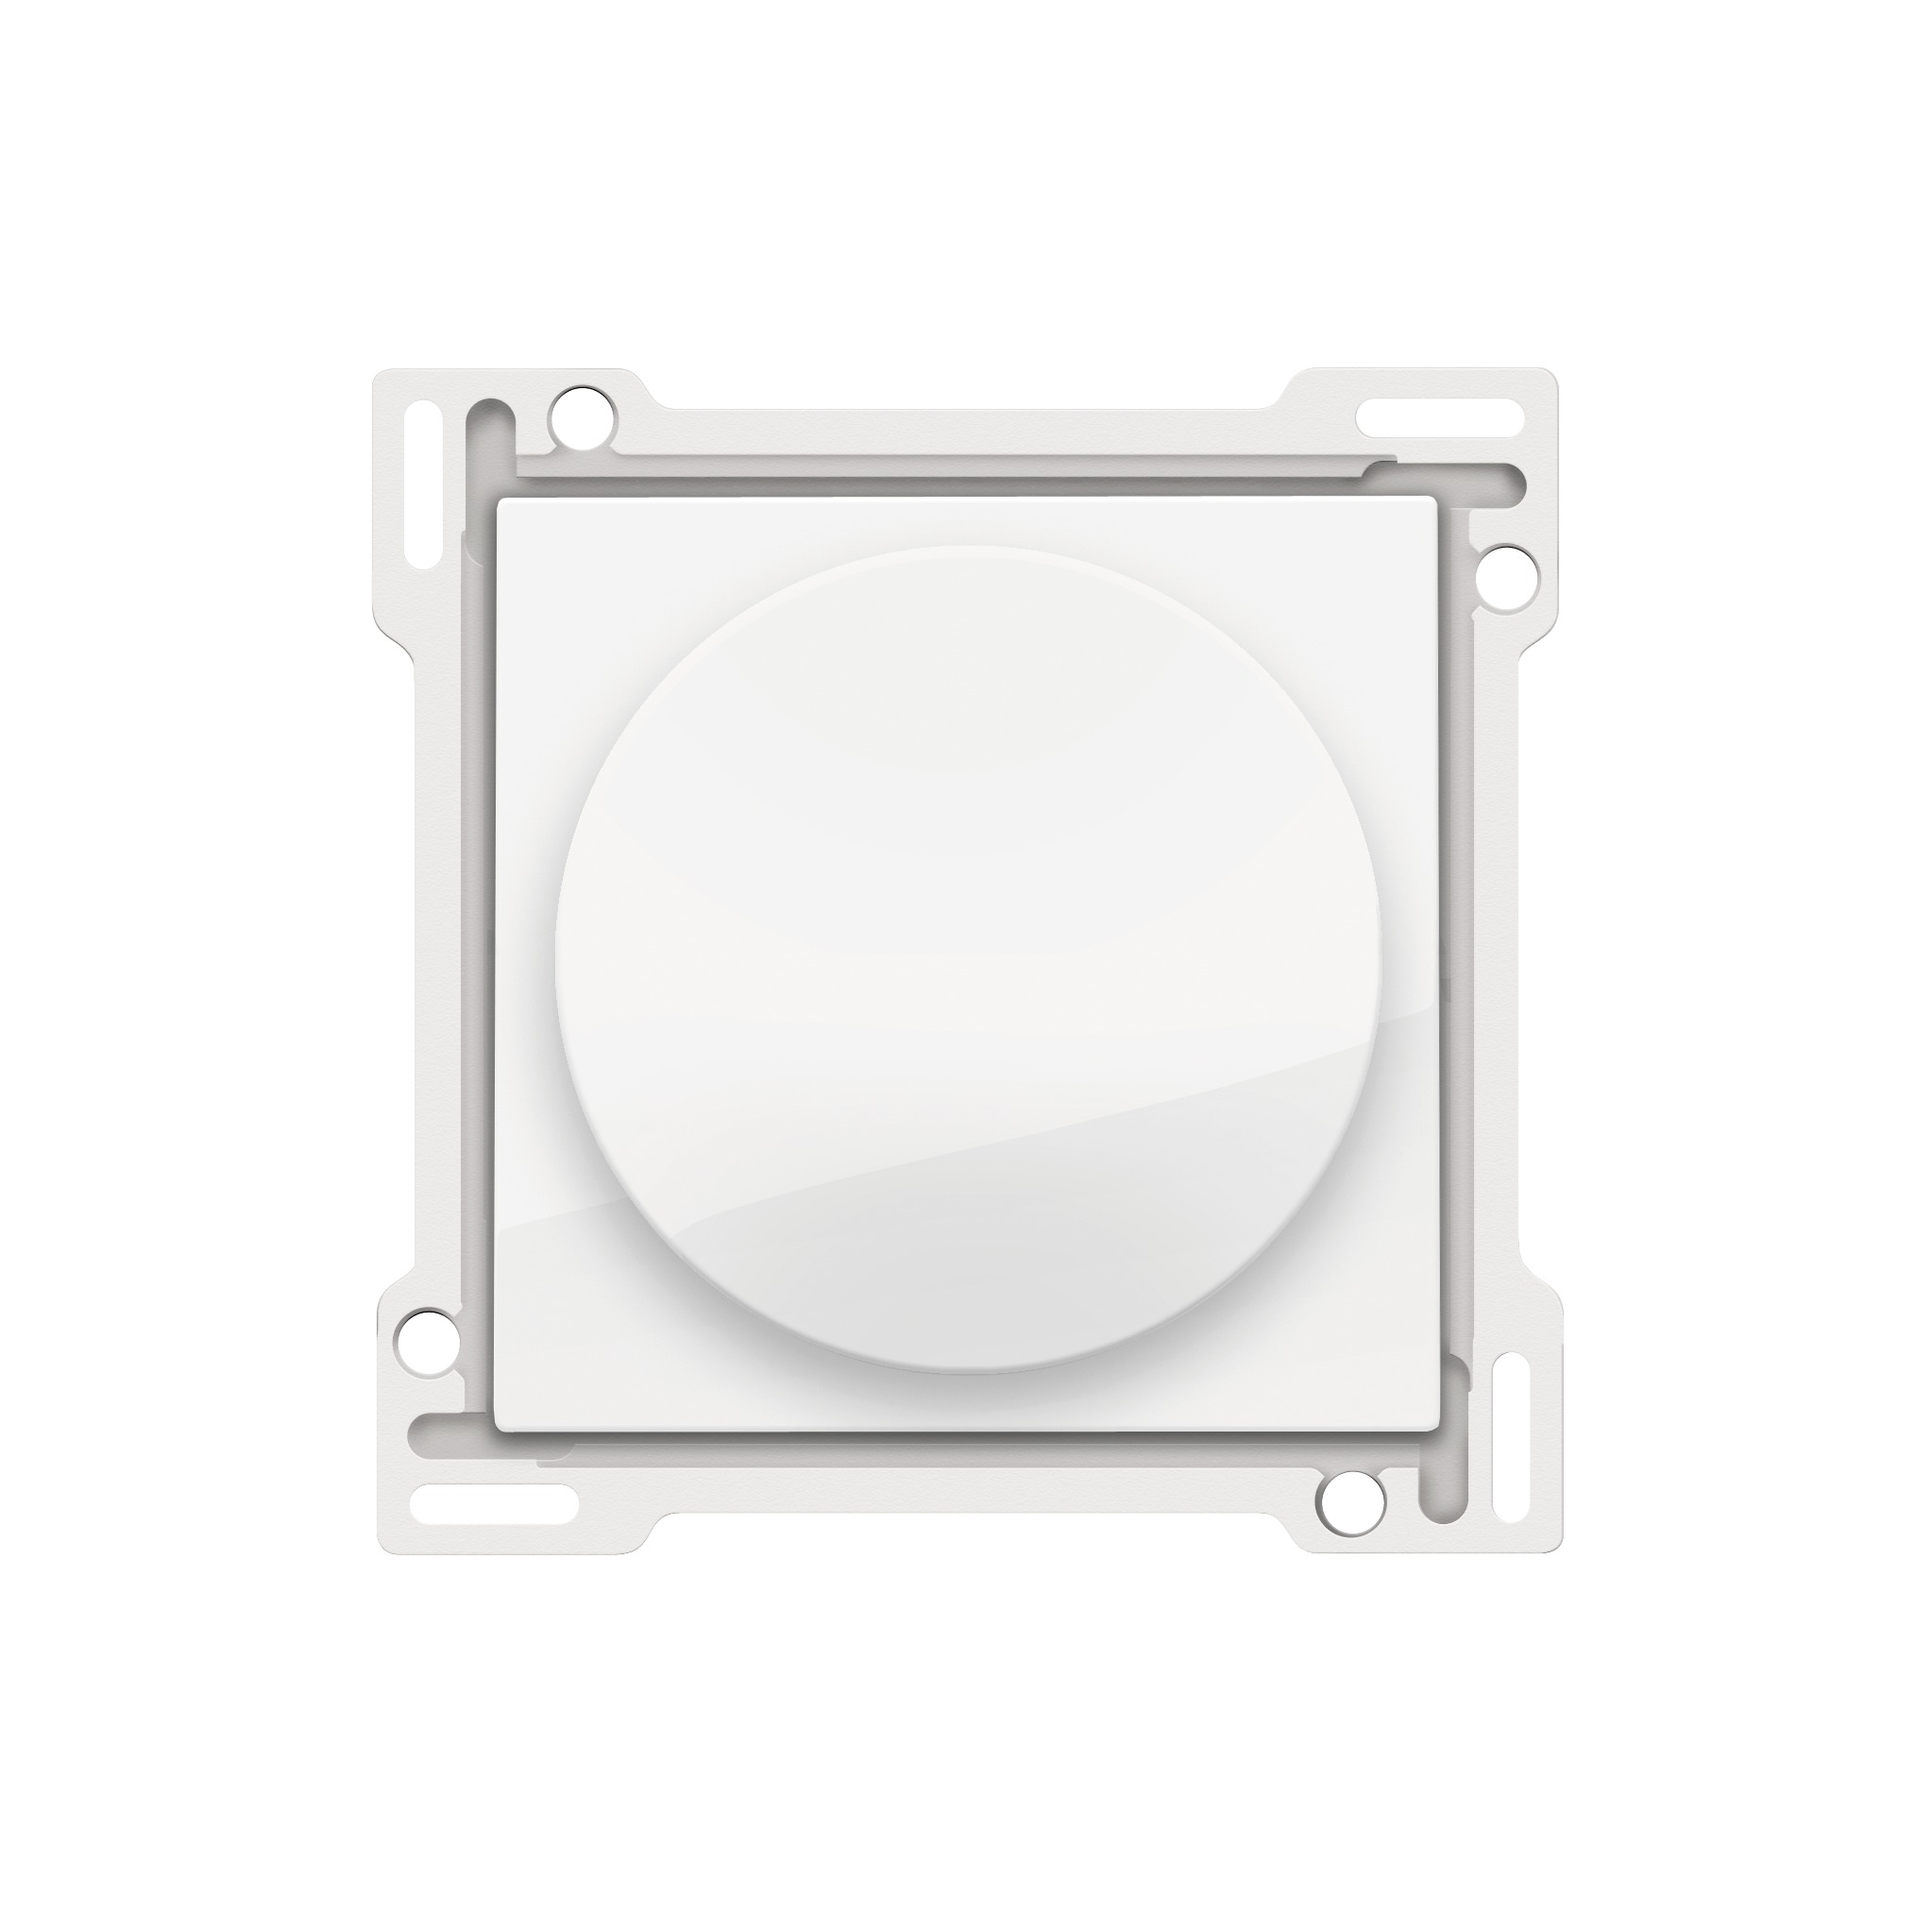 Niko Original centraalplaat met 1-2-3 standen draaiknop voor motoren bright white